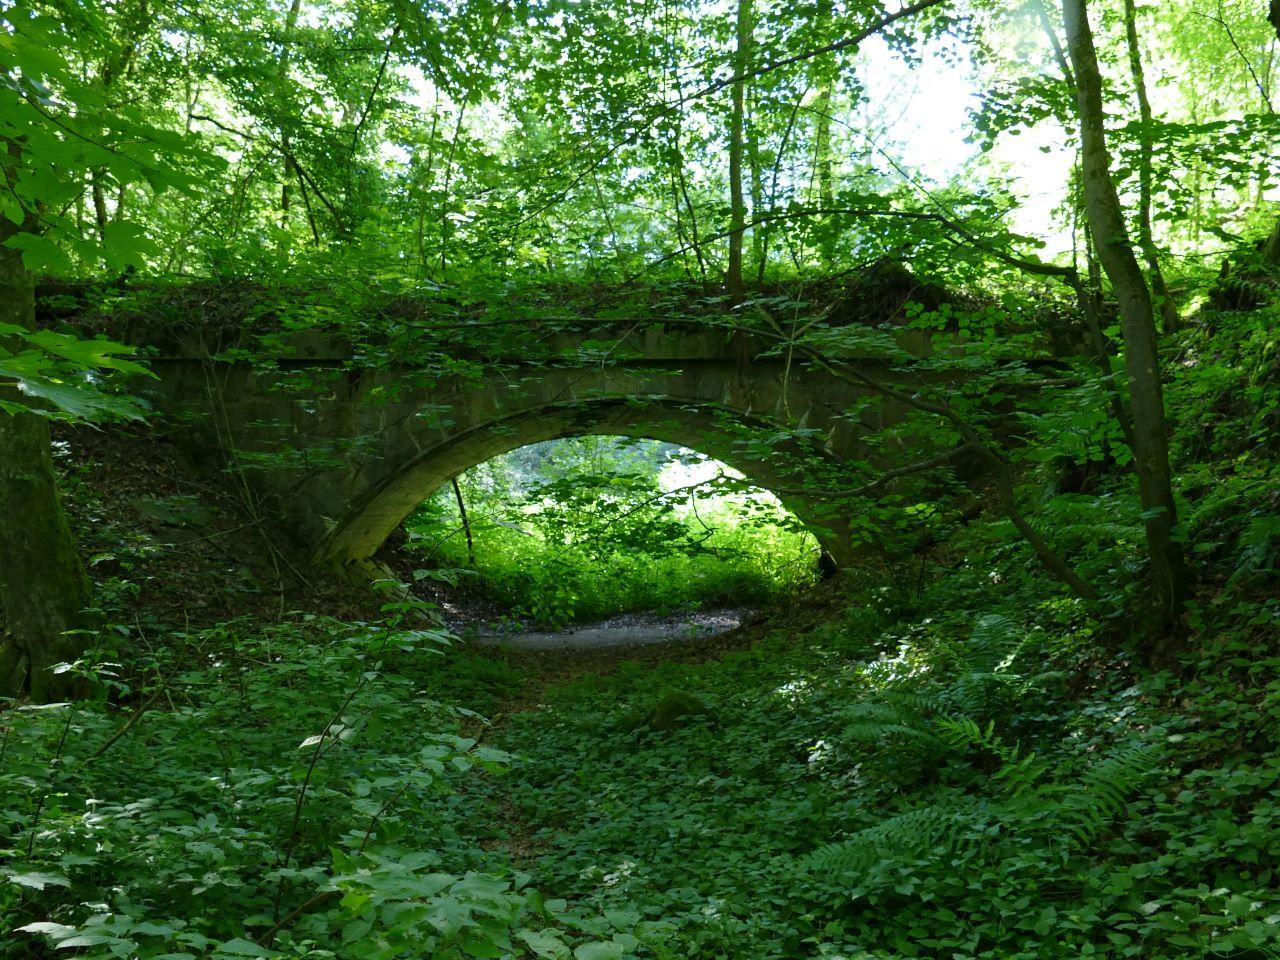 Eine ehemalige Eisenbahnbrücke wird von der Natur zurückerobert